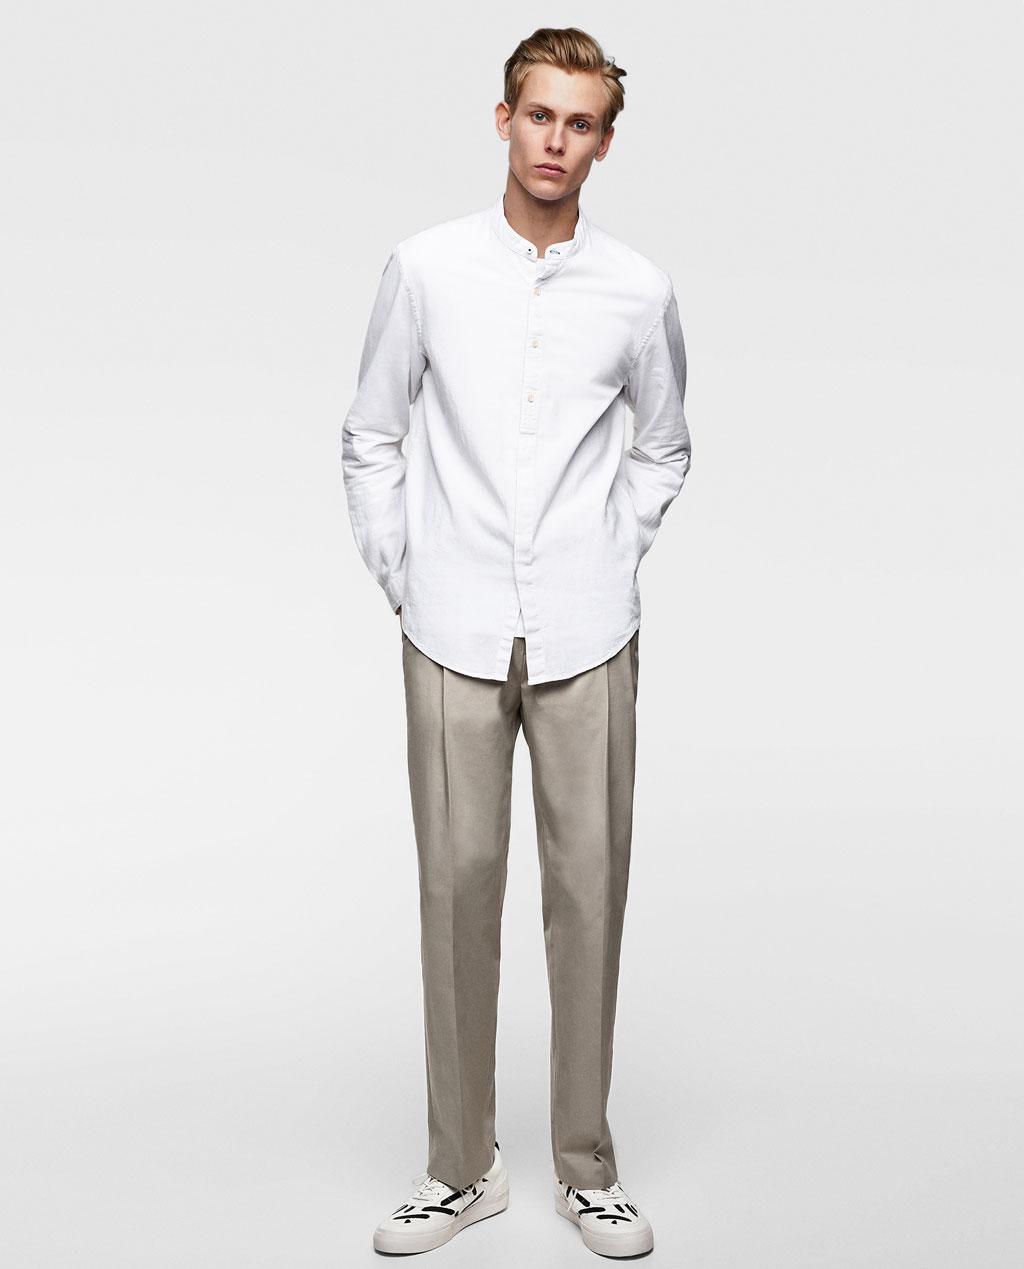 Thời trang nam Zara  23865 - ảnh 3